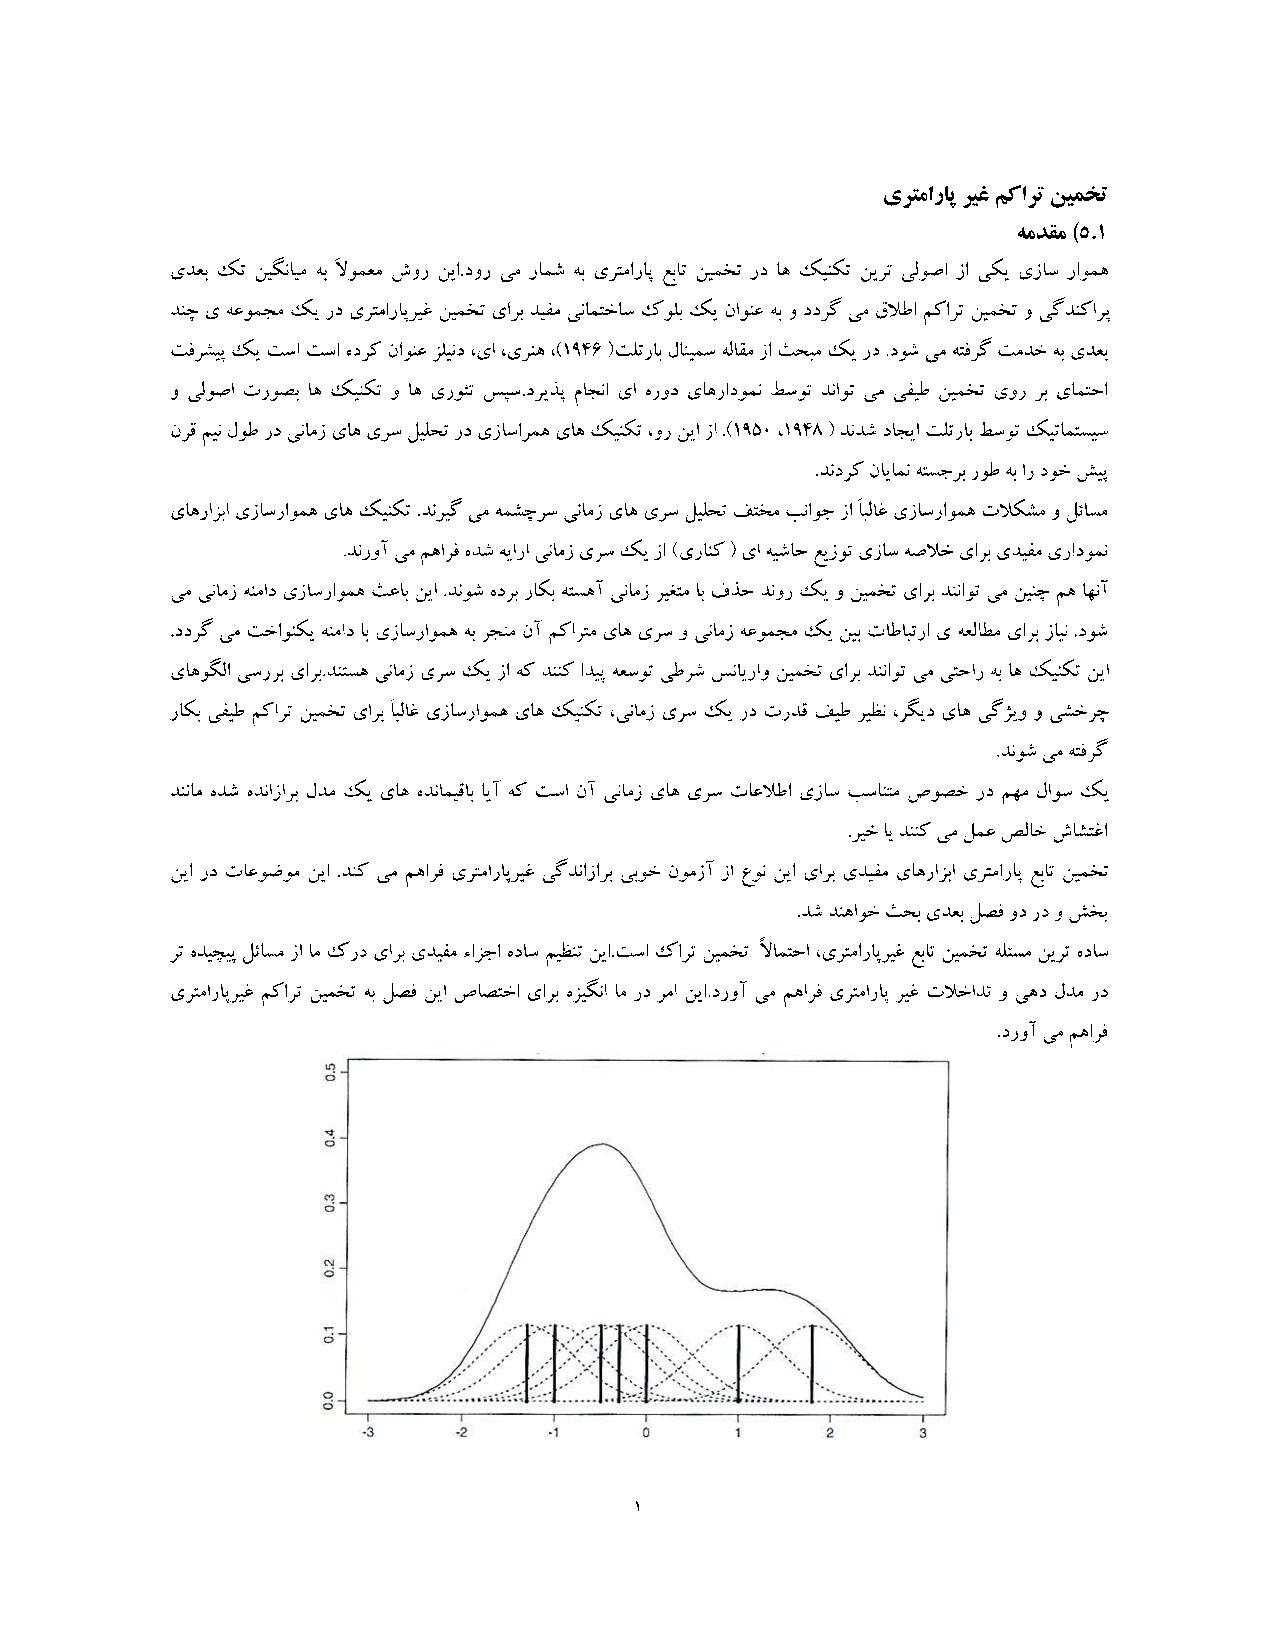 ترجمه مقاله و تحقیق - تخمین تراکم غیر پارامتری24